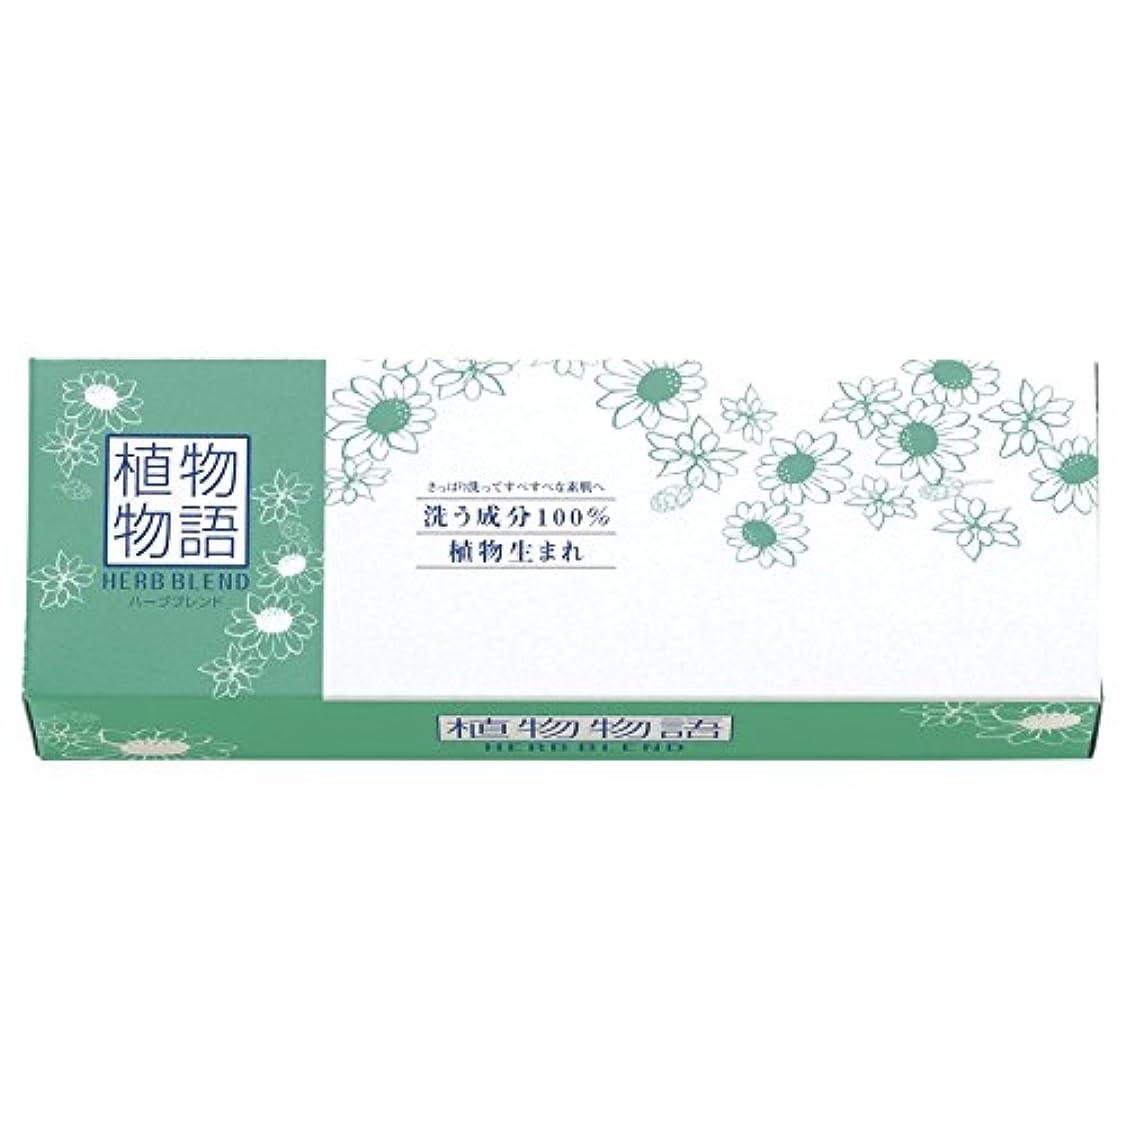 徹底的に聖域違反ライオン 植物物語ハーブブレンド化粧石鹸2個箱 KST802 【粗品 天然素材 ハーブ 2個 固形石鹸 からだ用 ハーブ 優しい お風呂 こども やさしい 石けん せっけん】